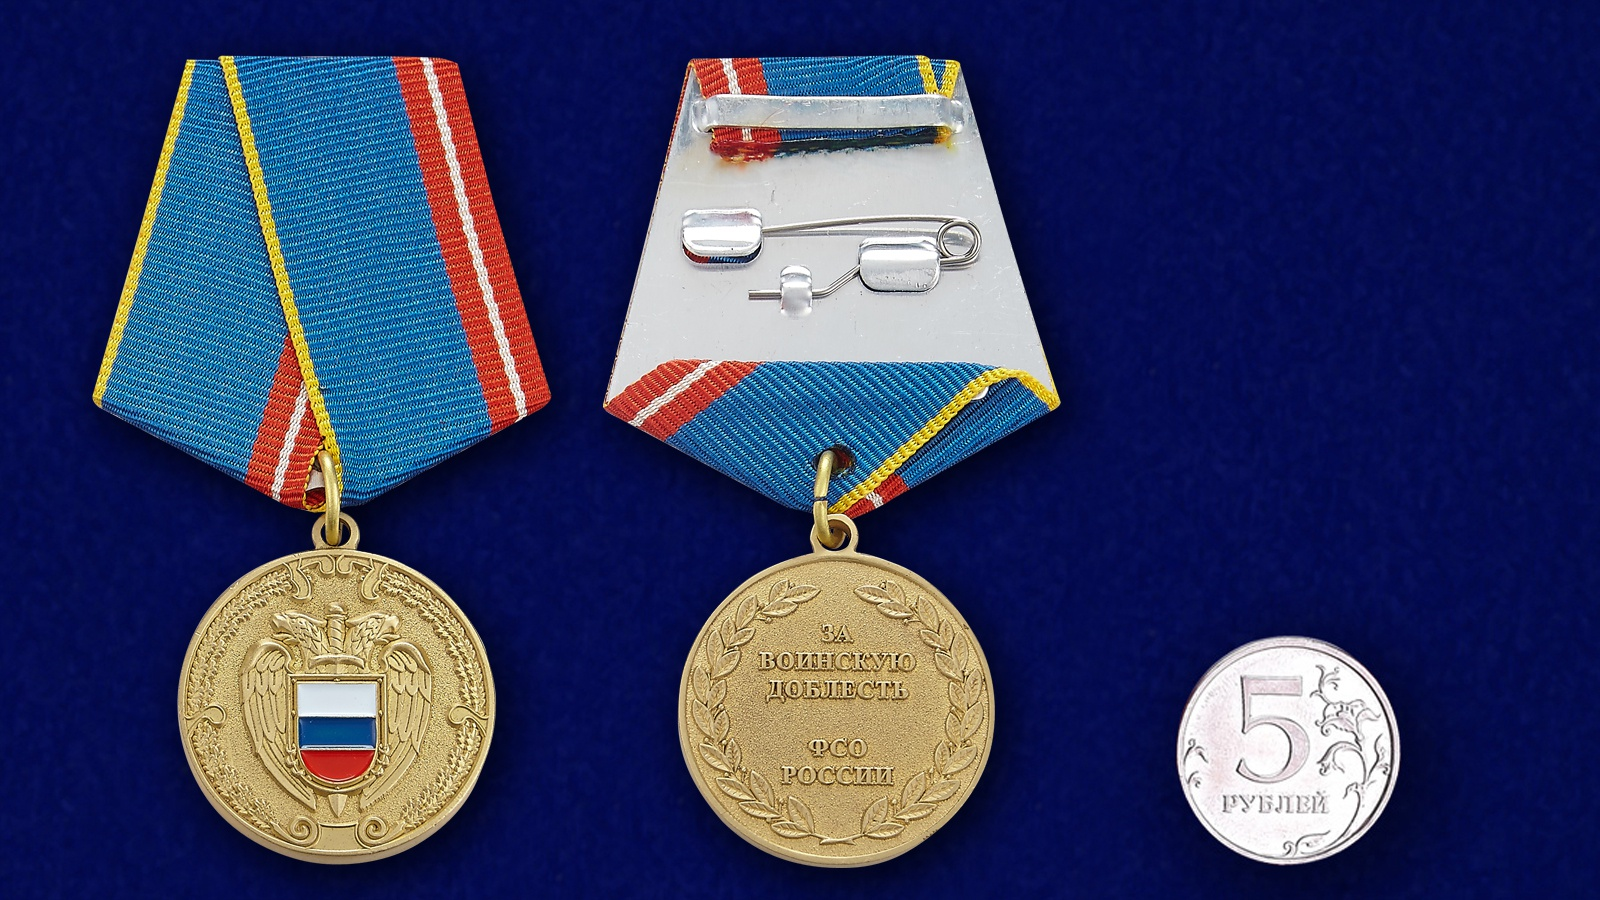 Медаль ФСО РФ За воинскую доблесть в бархатном футляре - Сравнительный вид